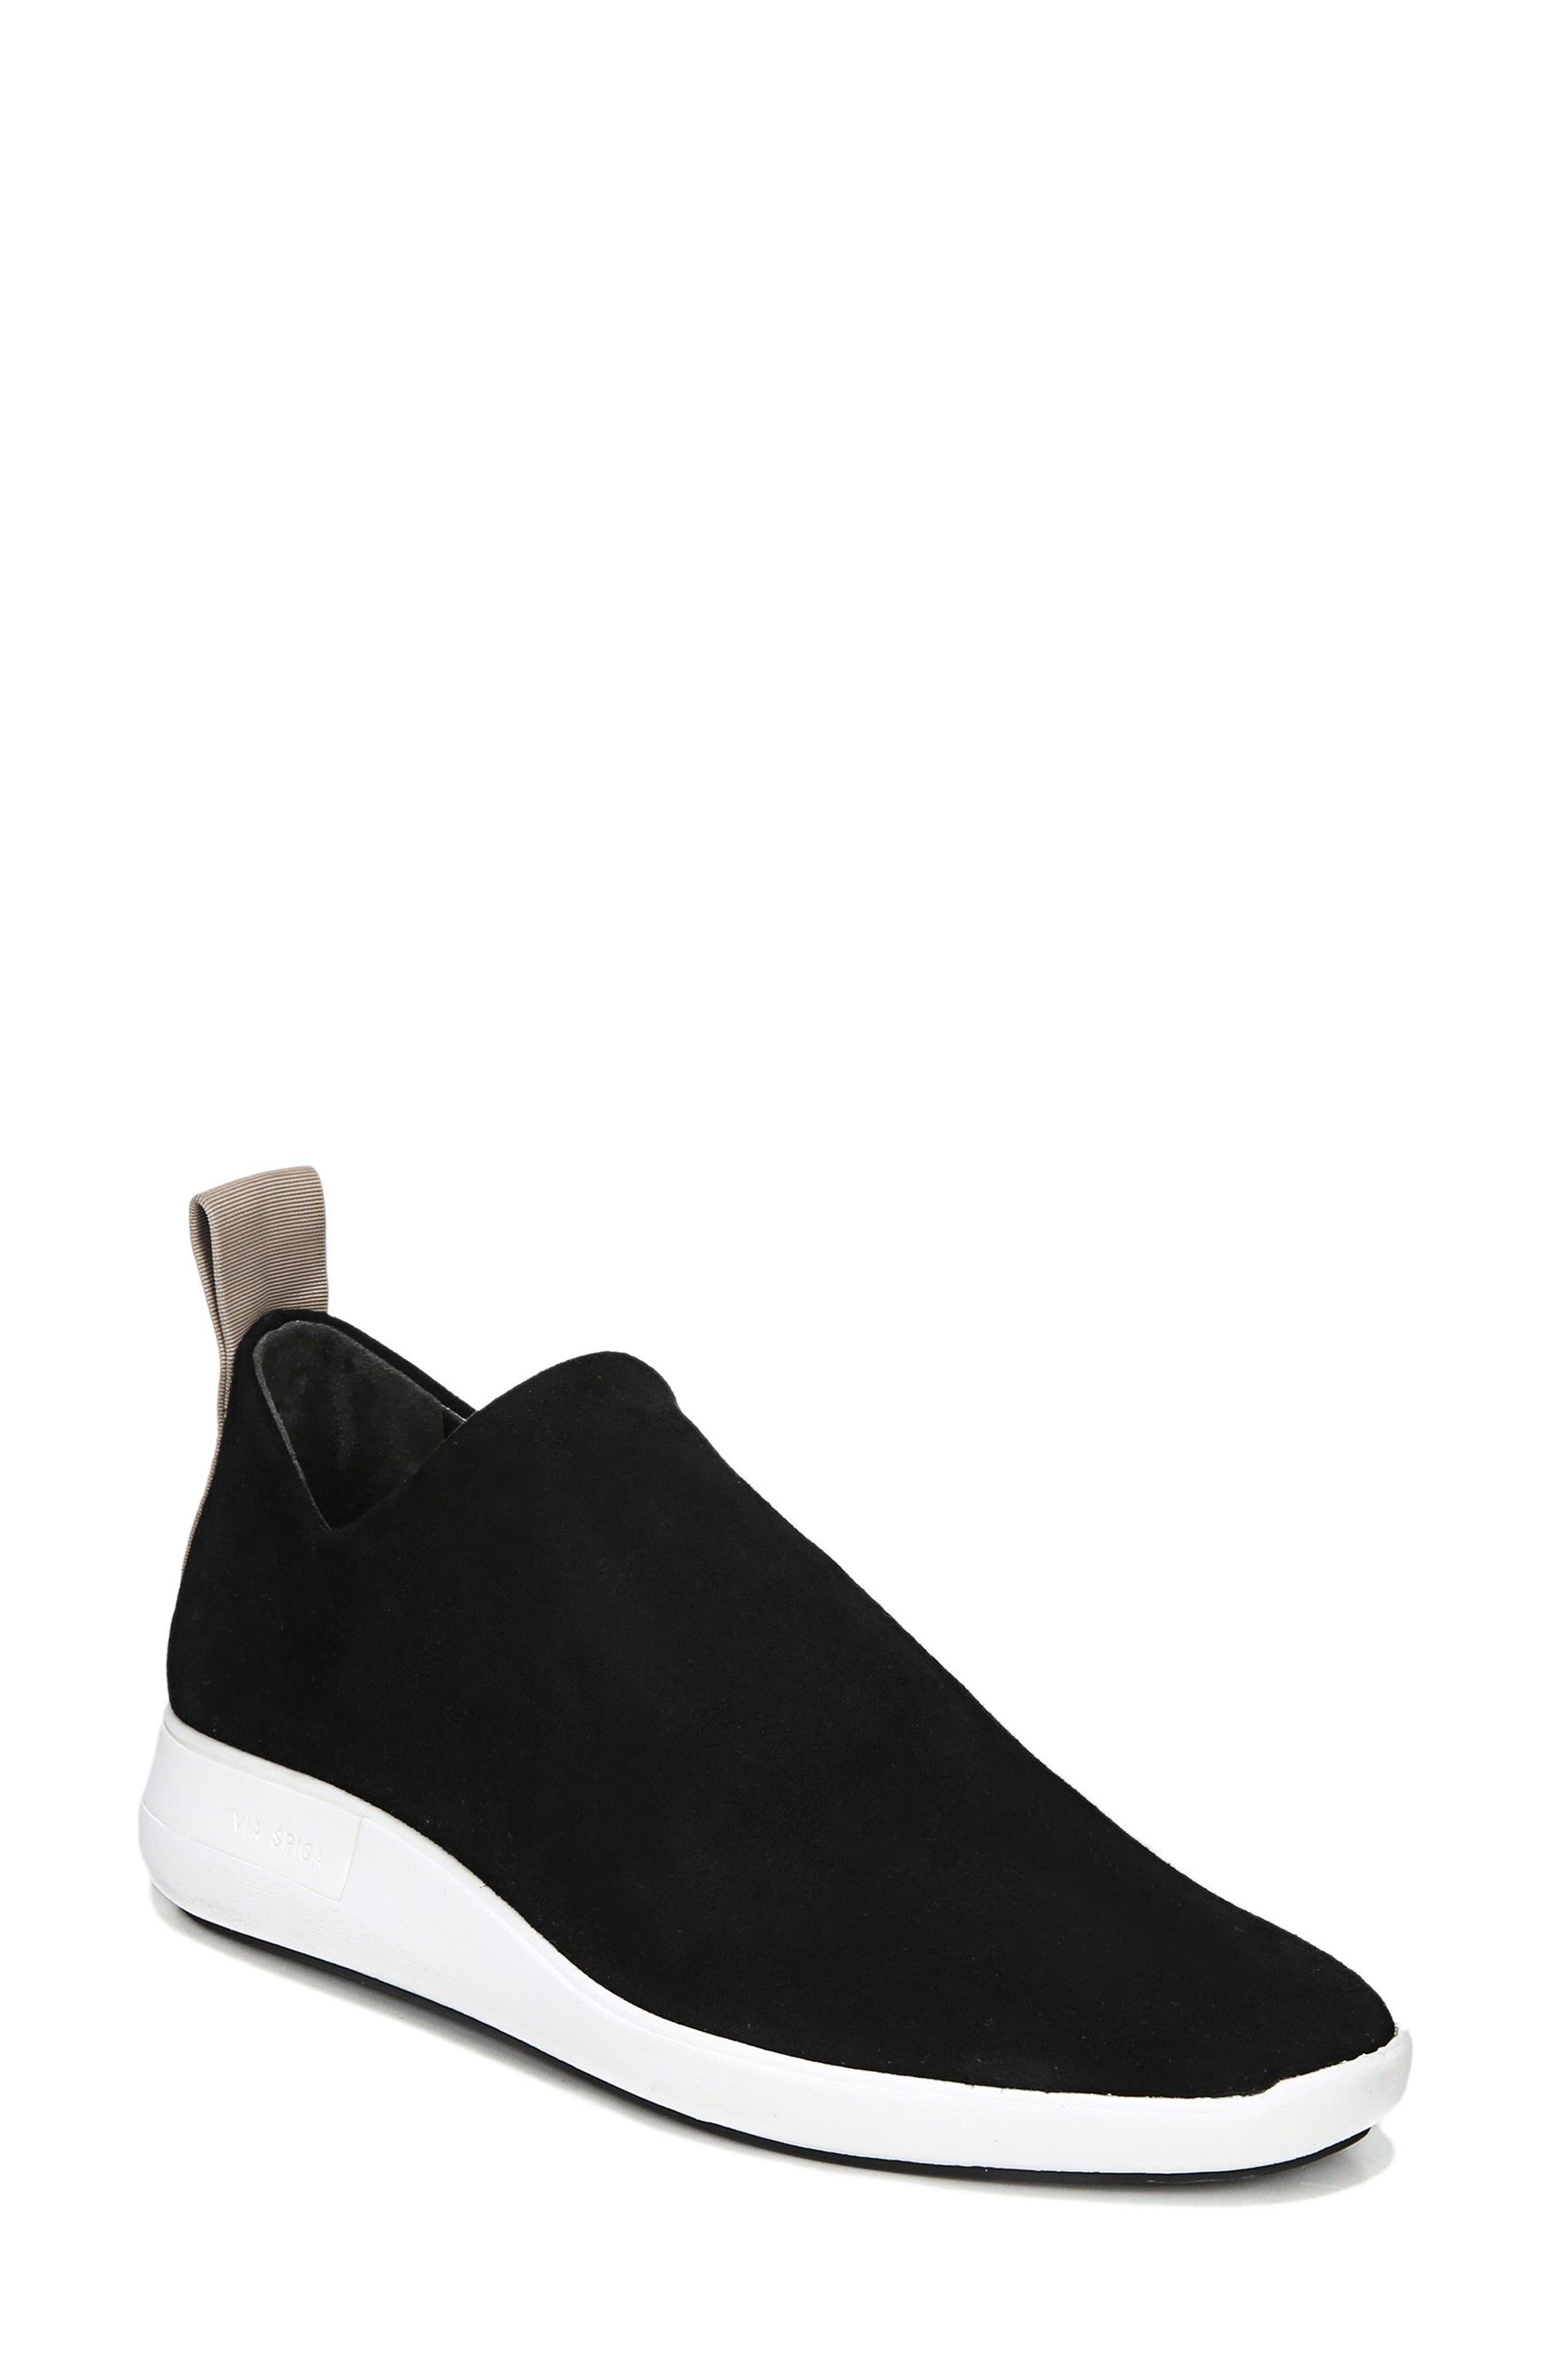 Via Spiga Marlow Slip-On Sneaker, Black